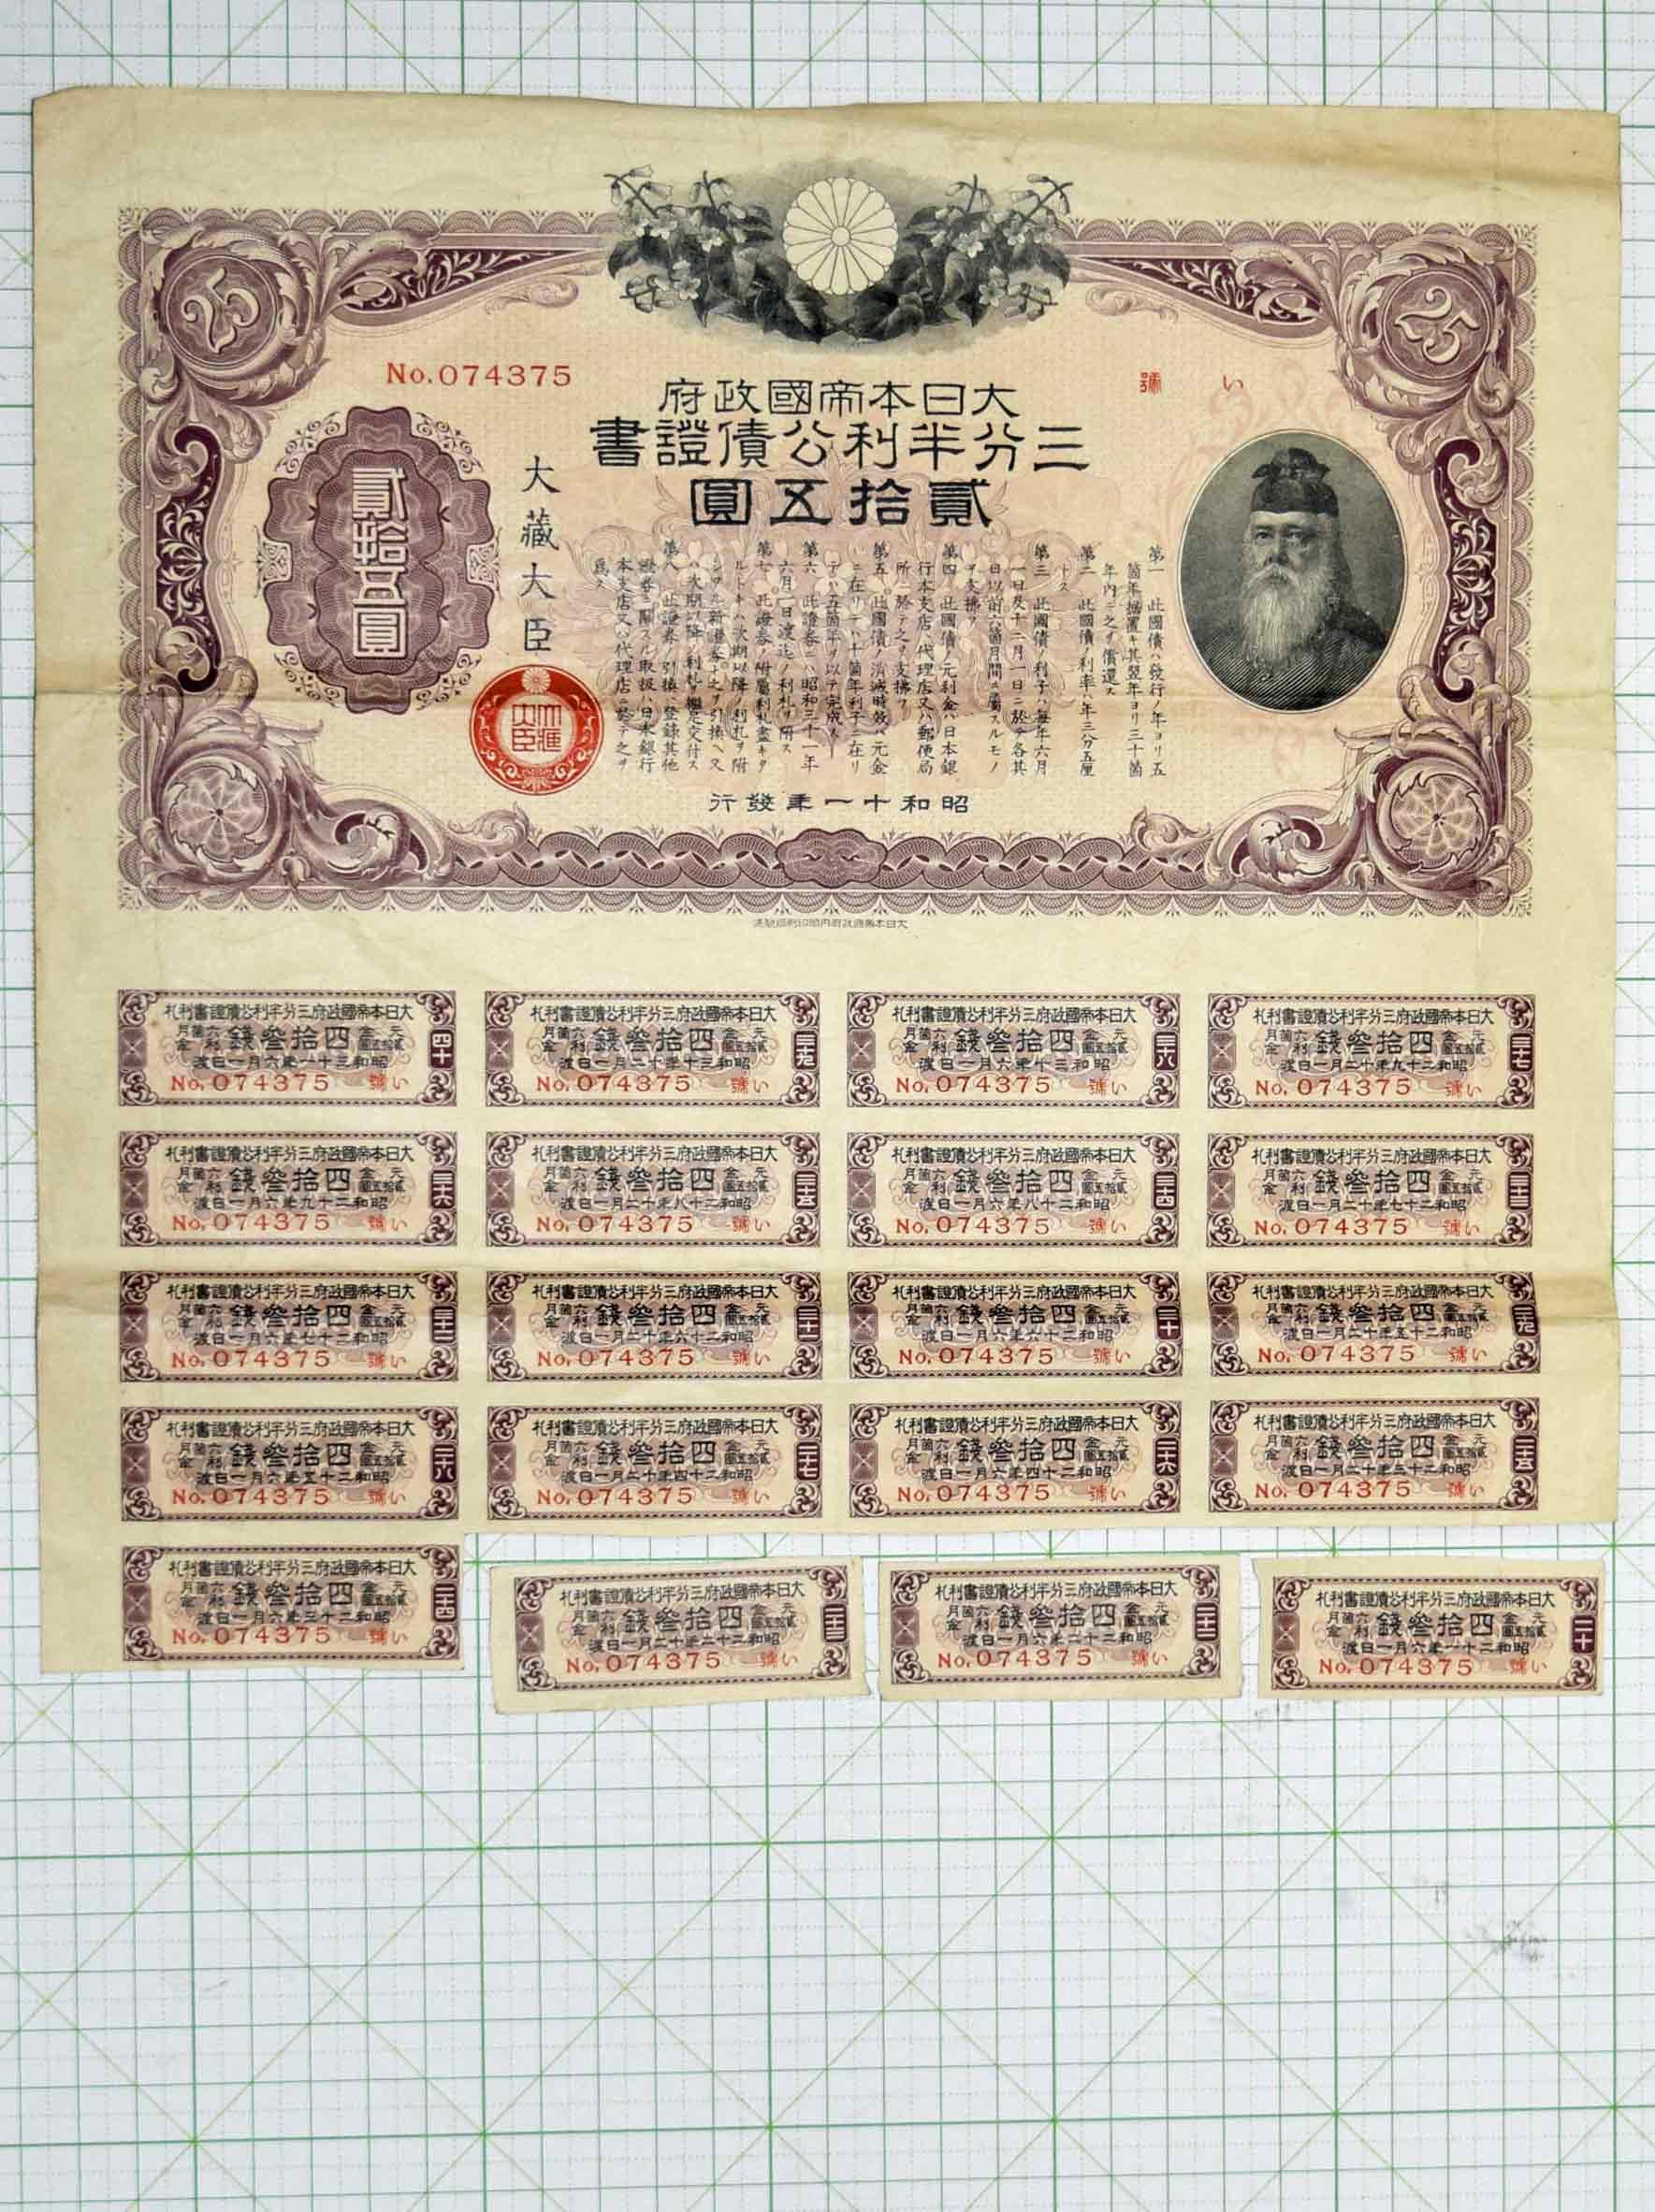 三分半利公債證書 弐拾五円 - 染...